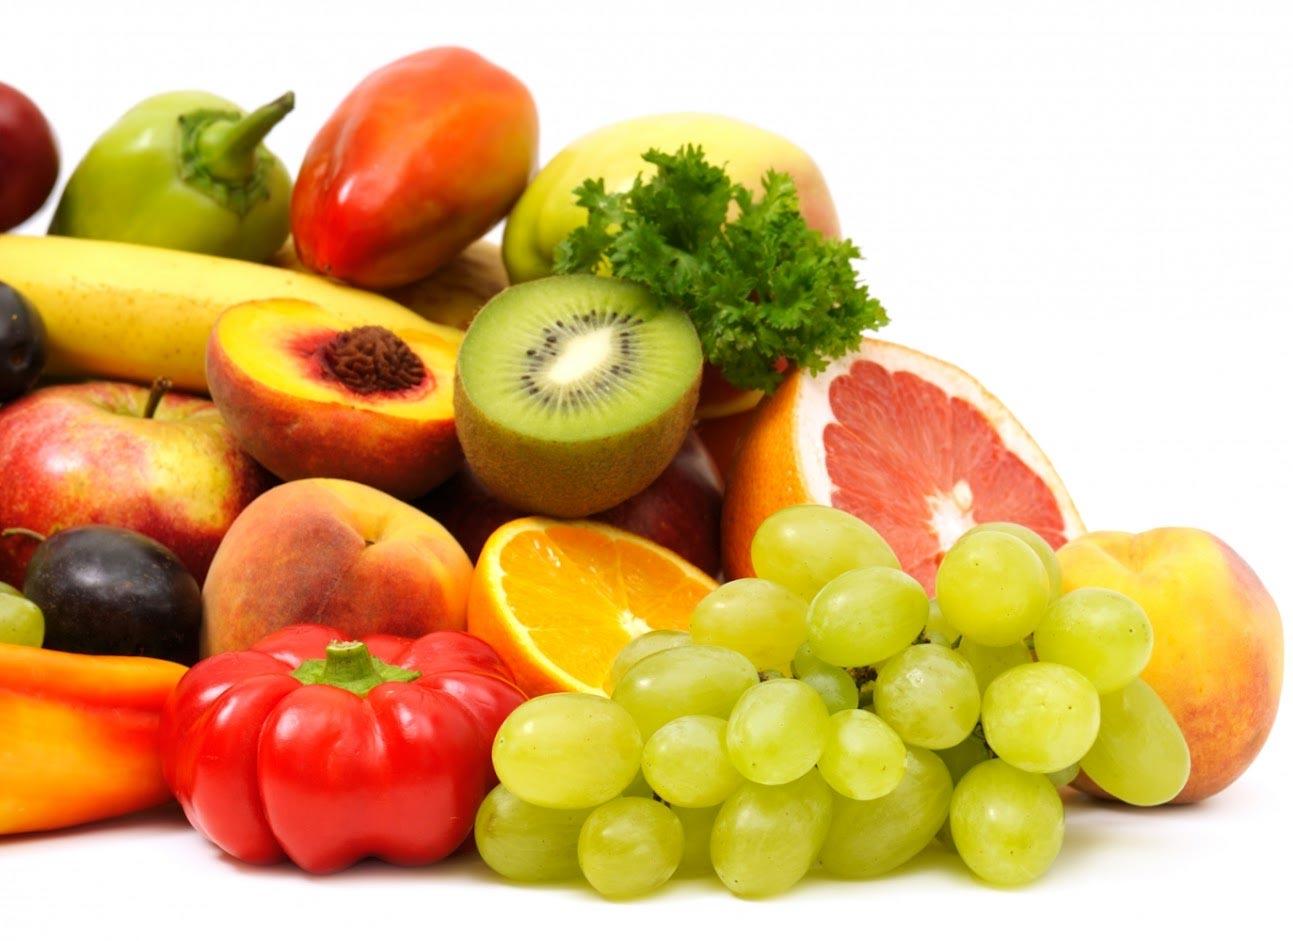 Sin vitamina c olvida cualquier tipo de ganancia - Que alimentos contienen vitamina c ...